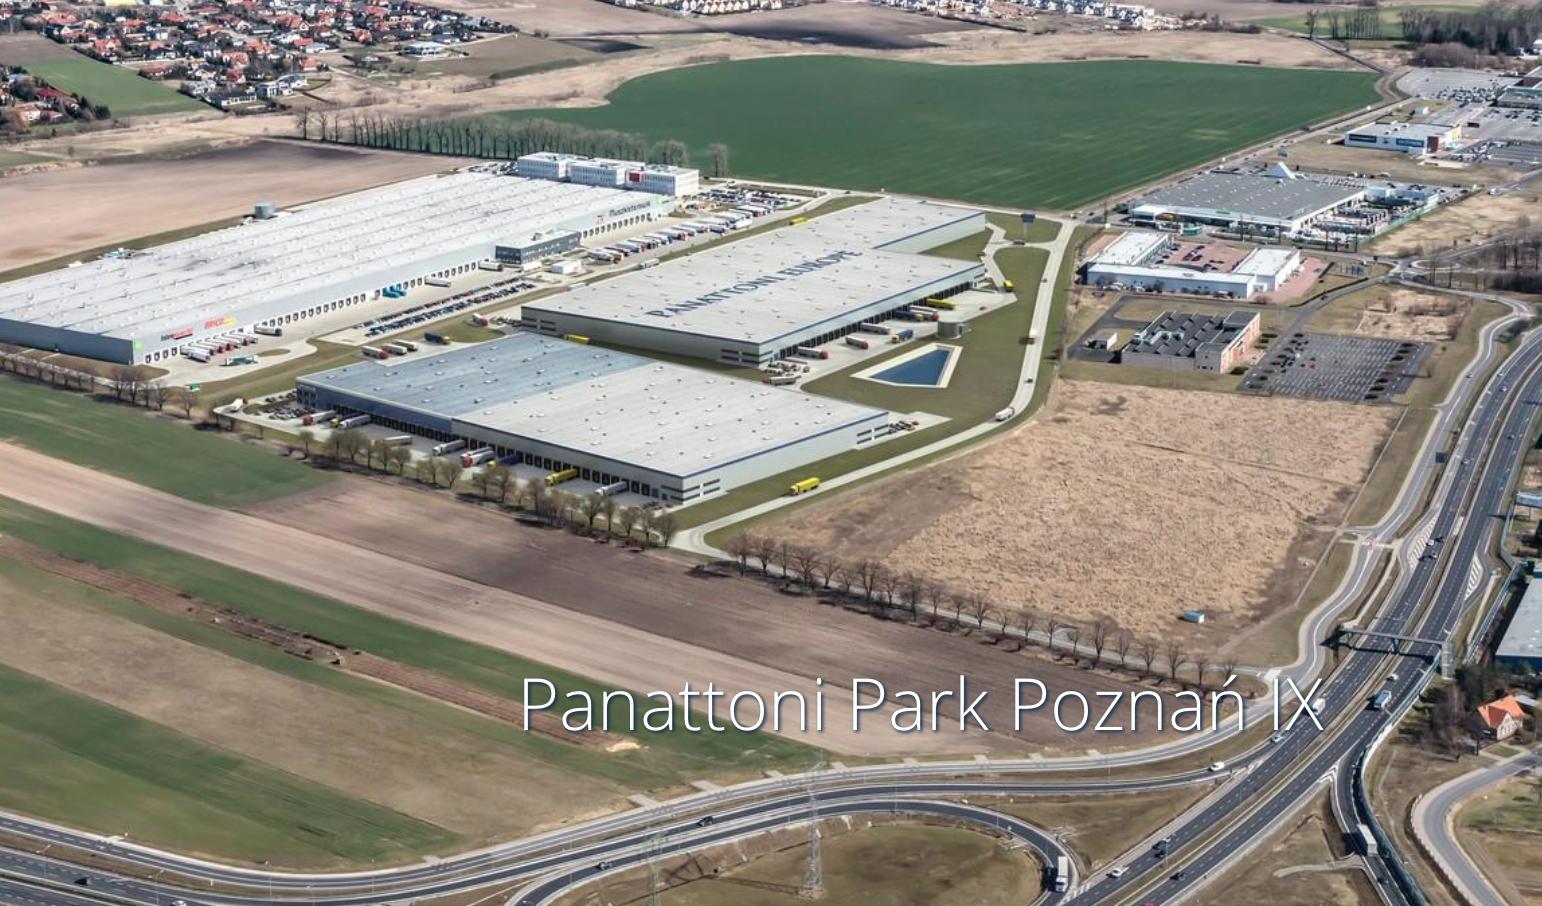 Panattoni Park Poznań IX